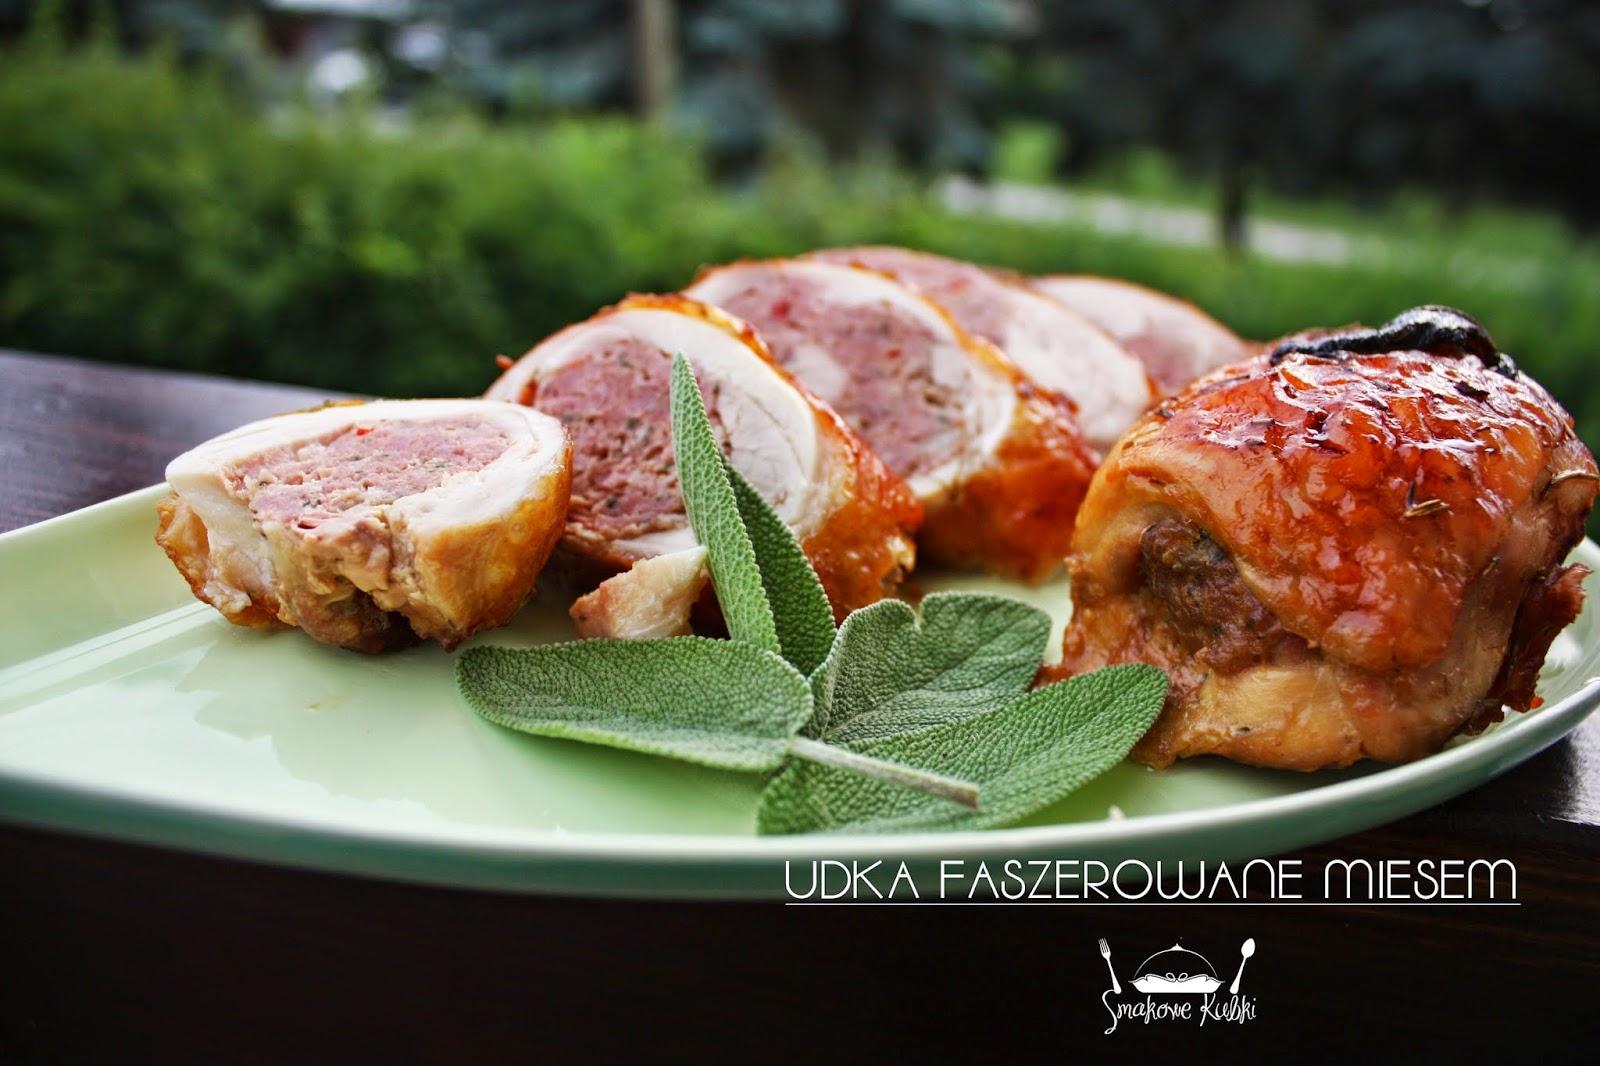 Udka kurczaka faszerowane mięsem wieprzowym (Chicken drumsticks stuffed with pork)